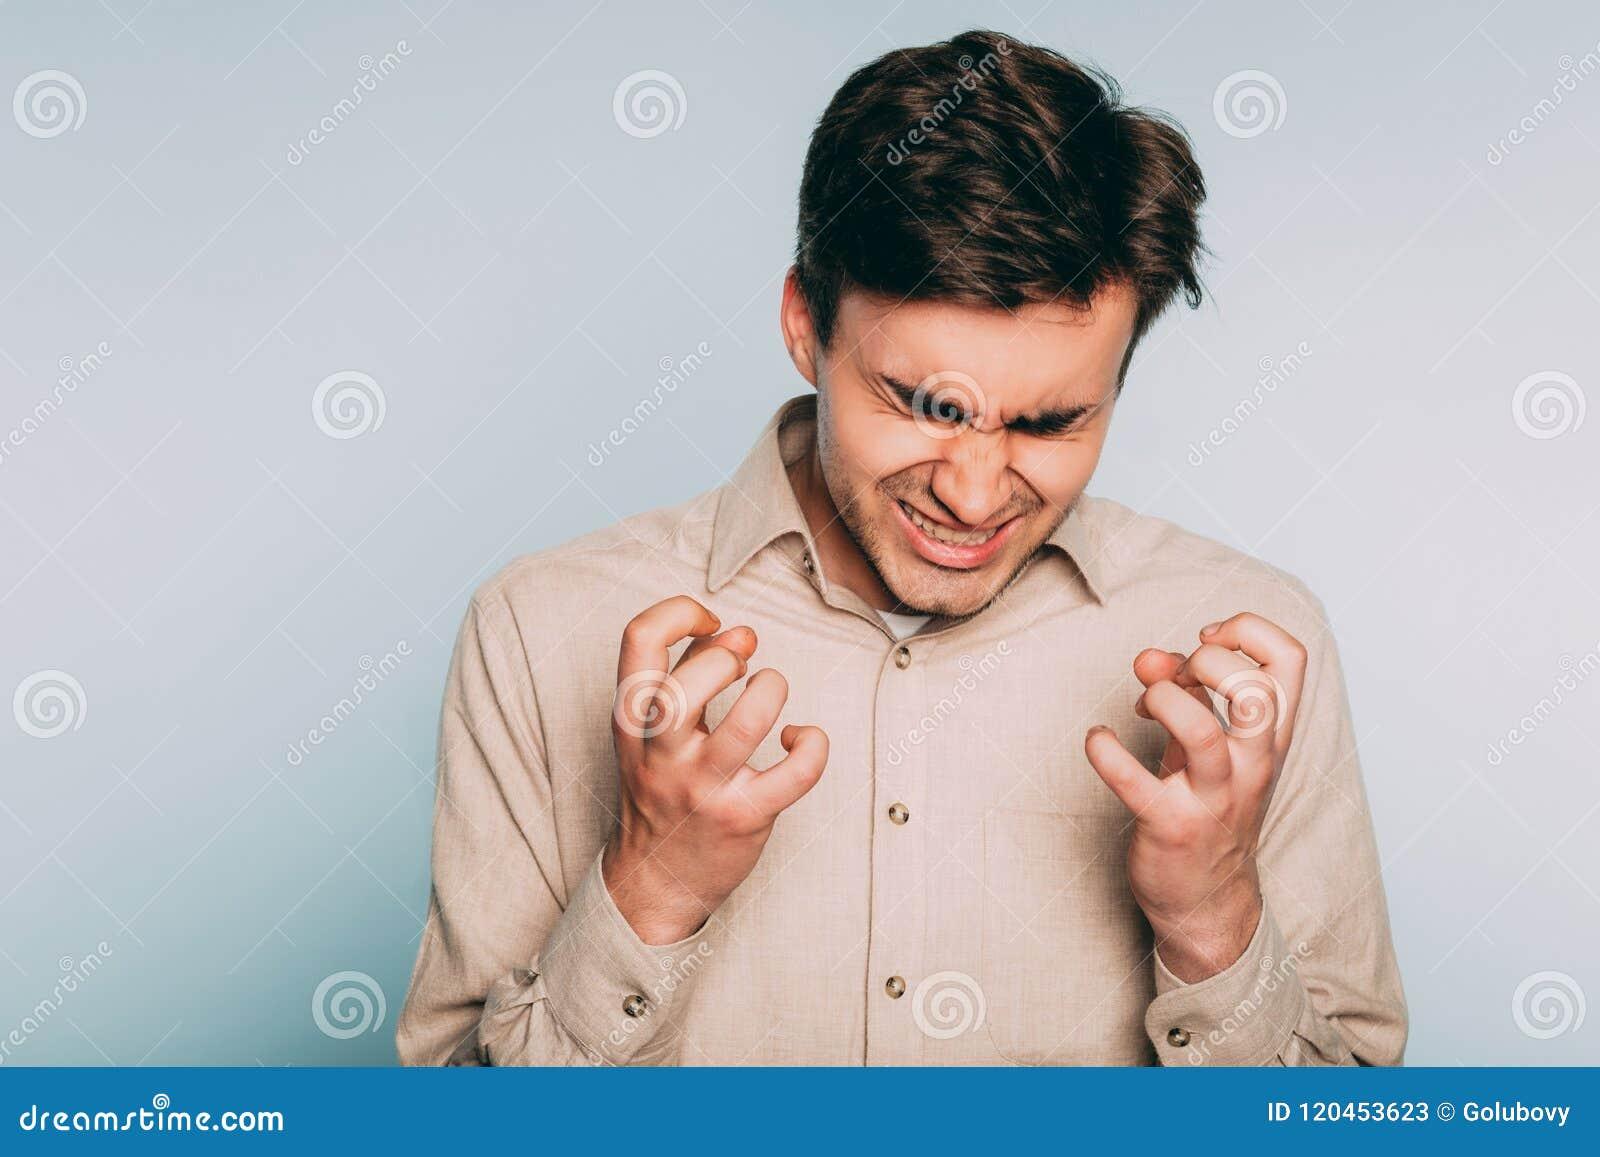 Emoción frenética enfurecida de la furia del hombre de la cólera de la rabia